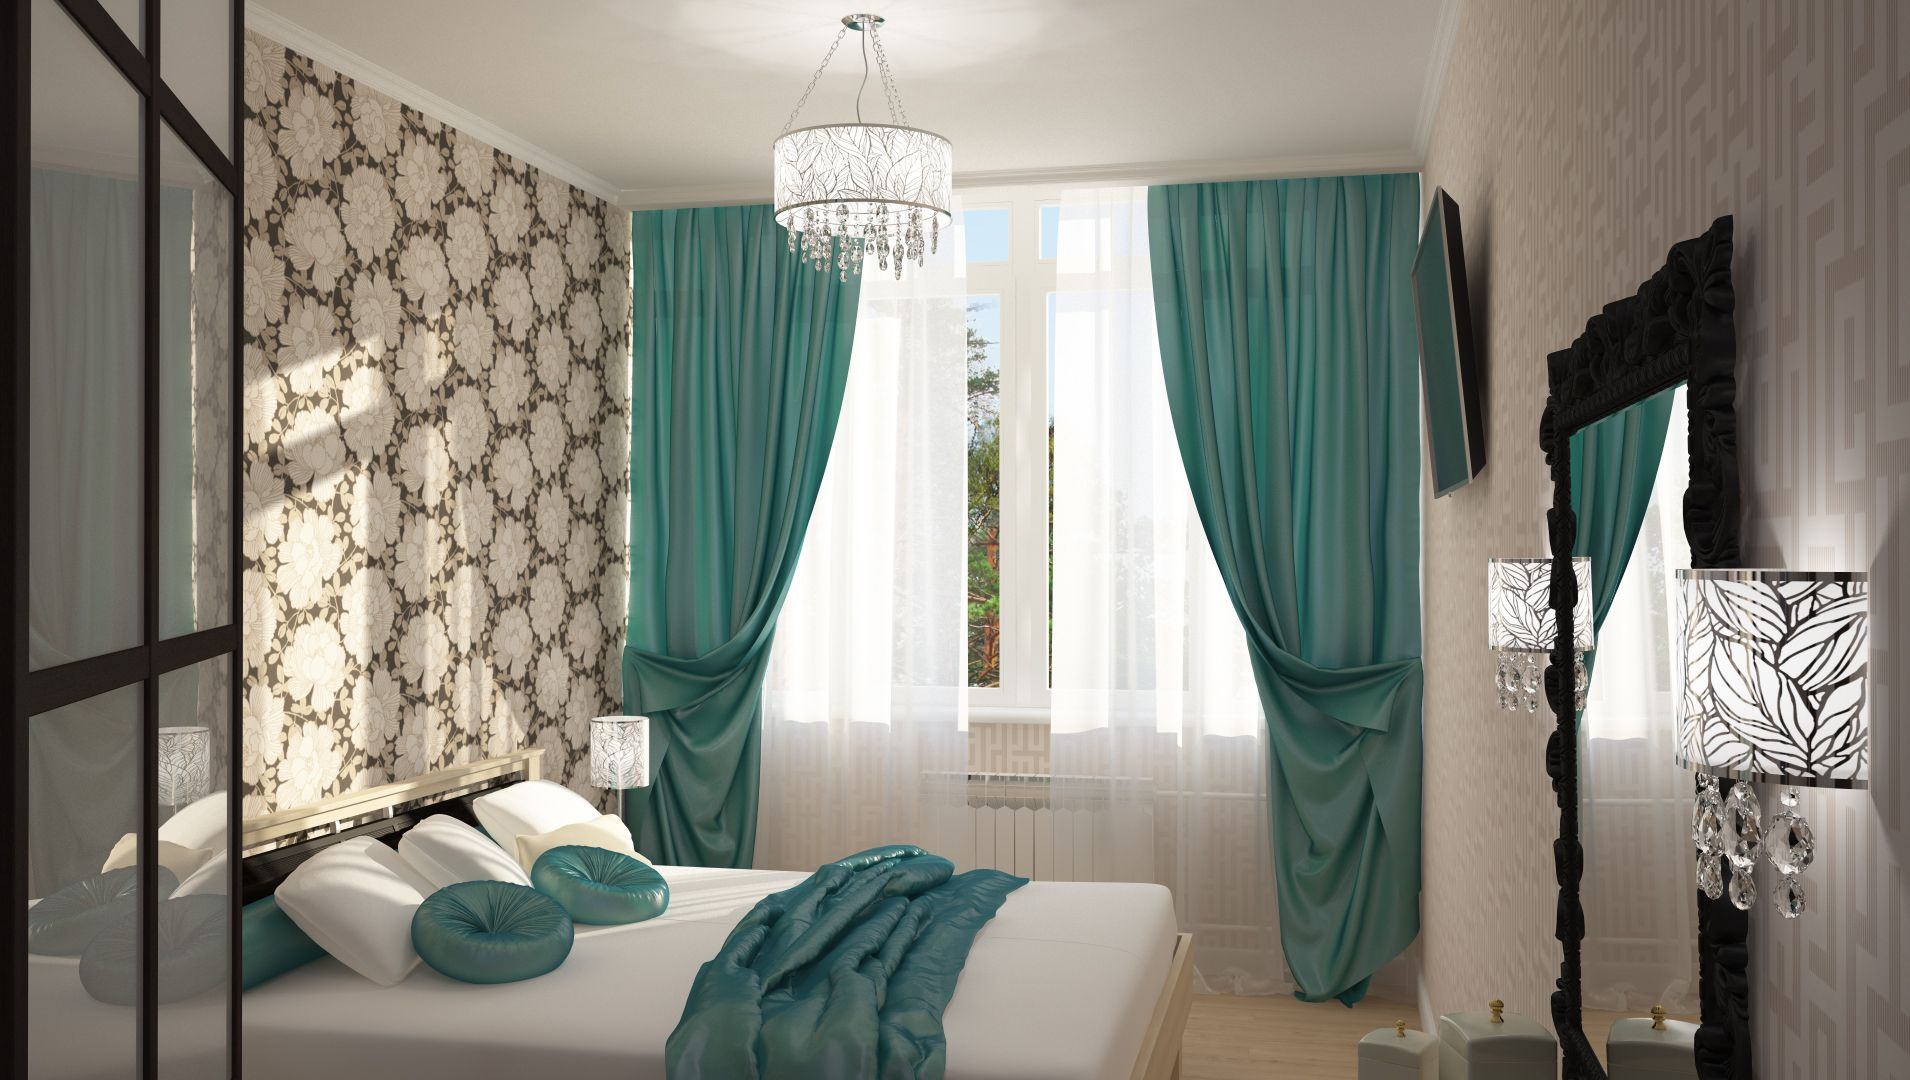 легкие бирюзовые занавески на окнах в интерьере спальни